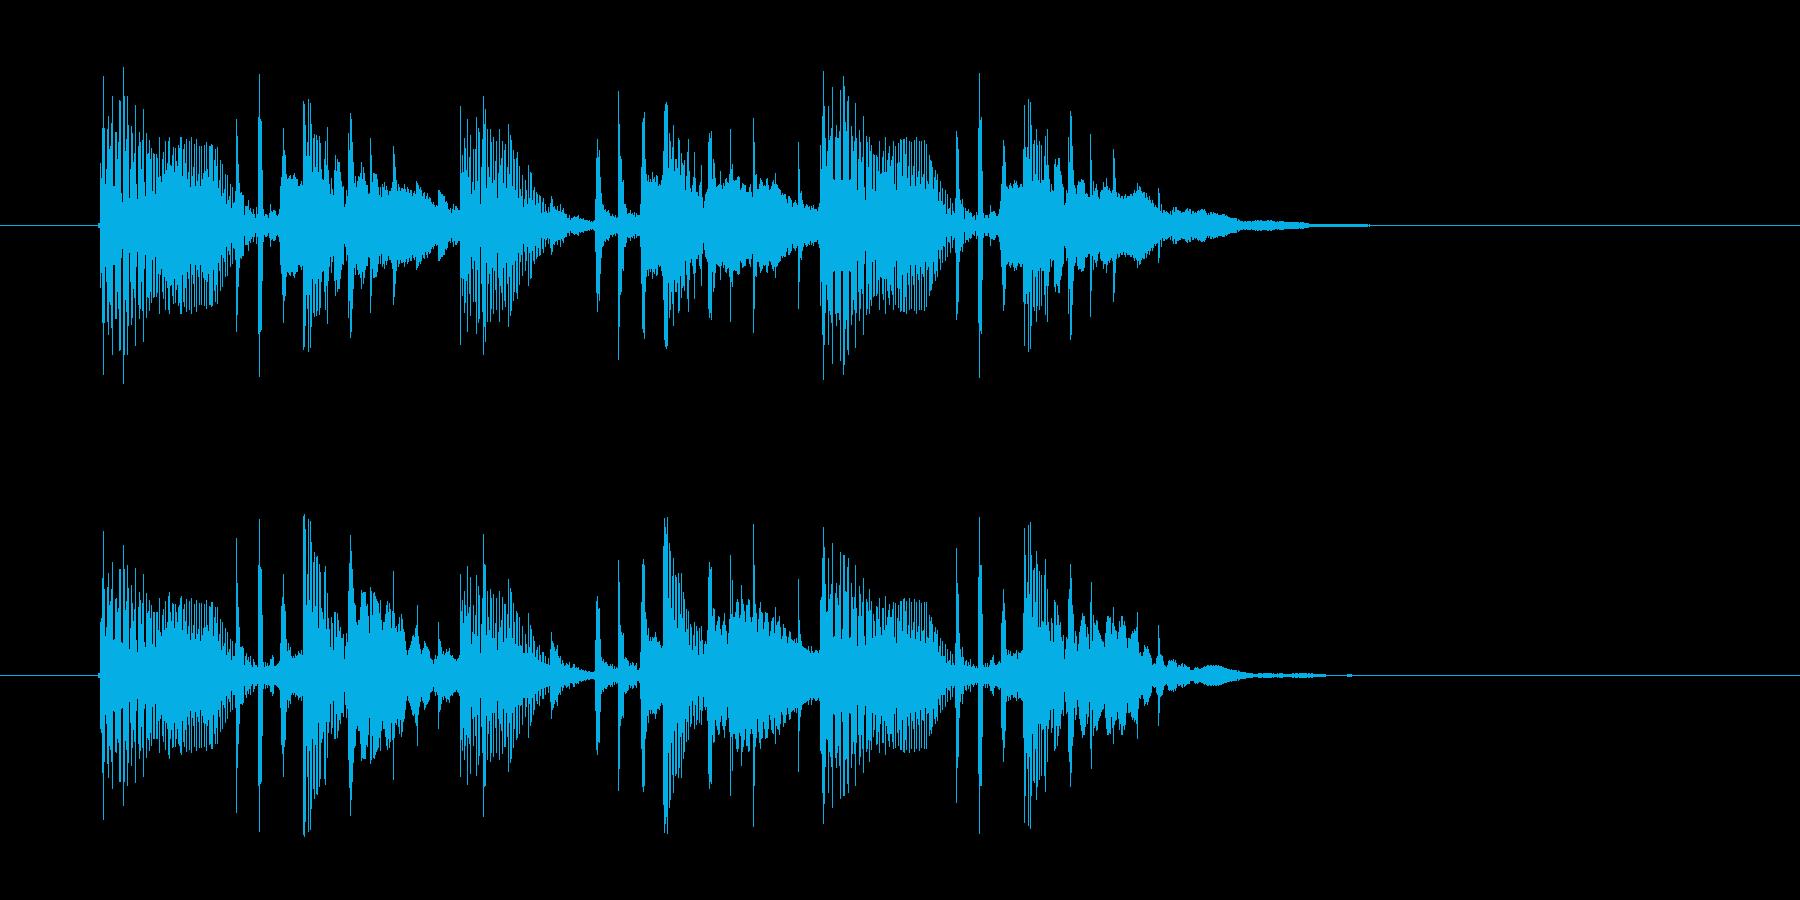 ゆったりと落ち着いた幻想的な音楽の再生済みの波形